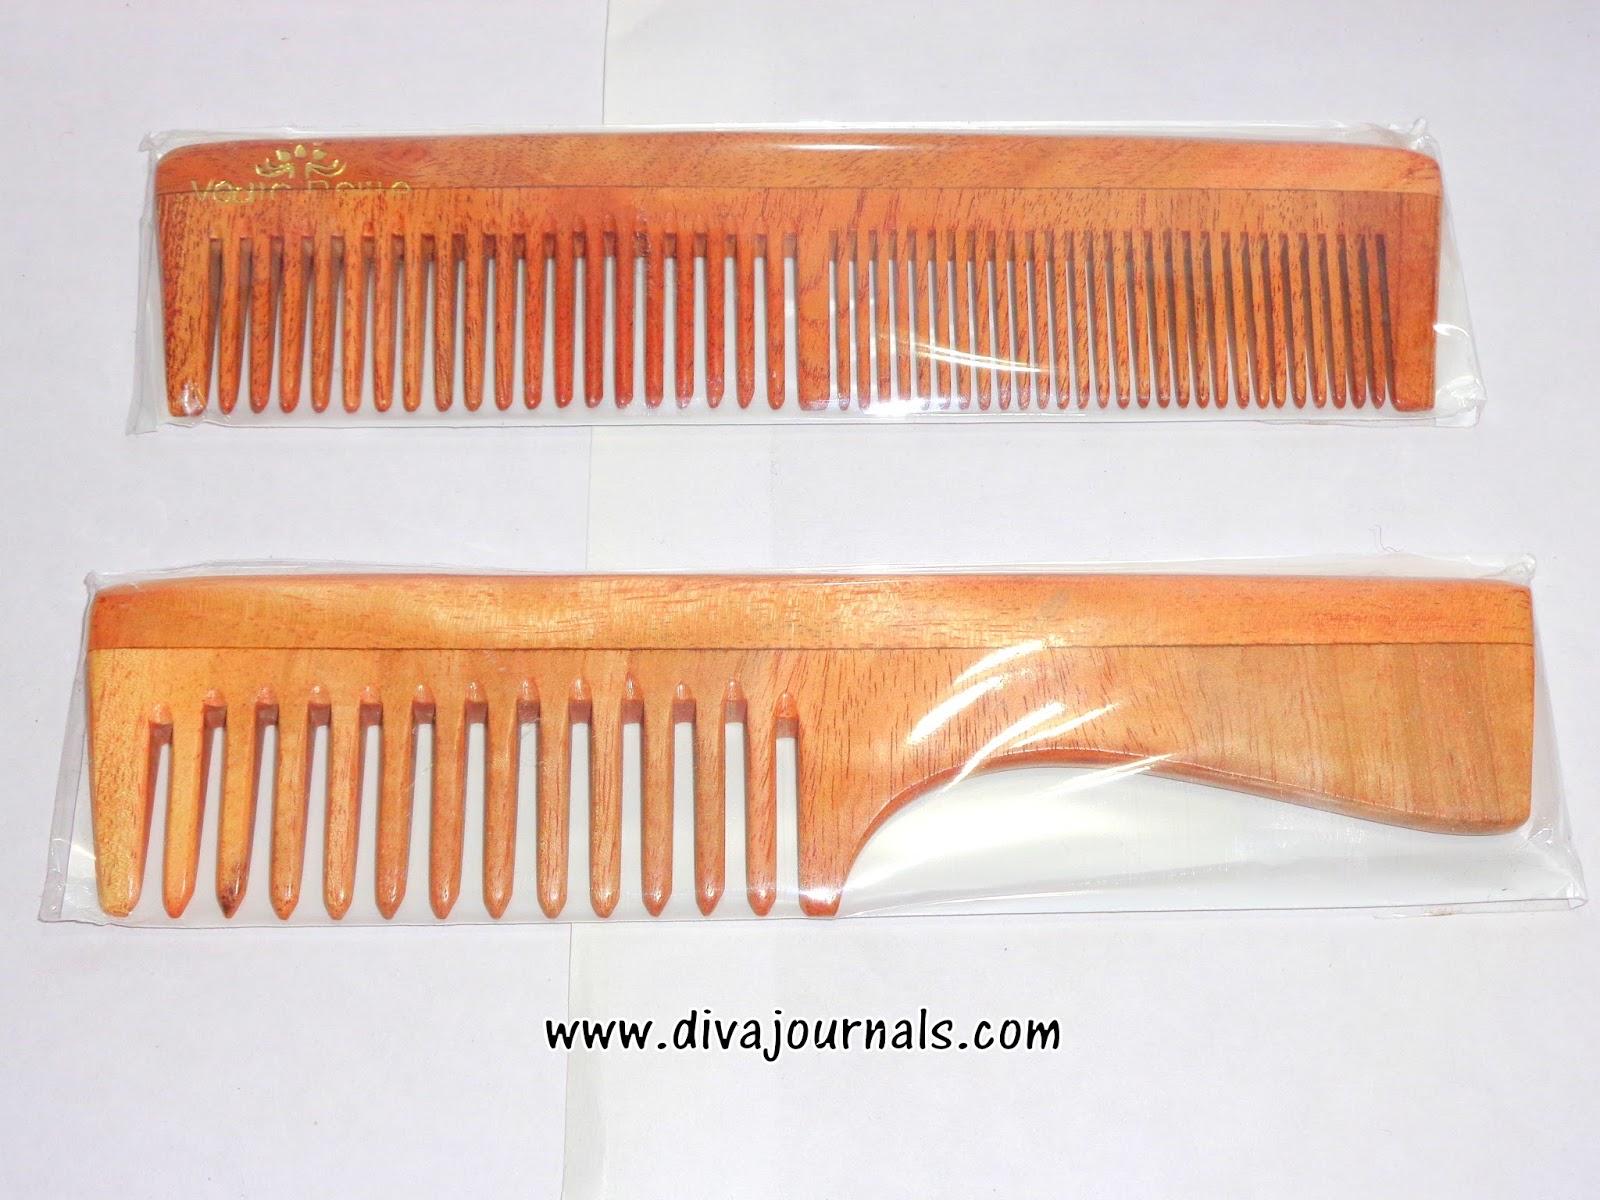 Vedic Delite Neem Wooden Combs